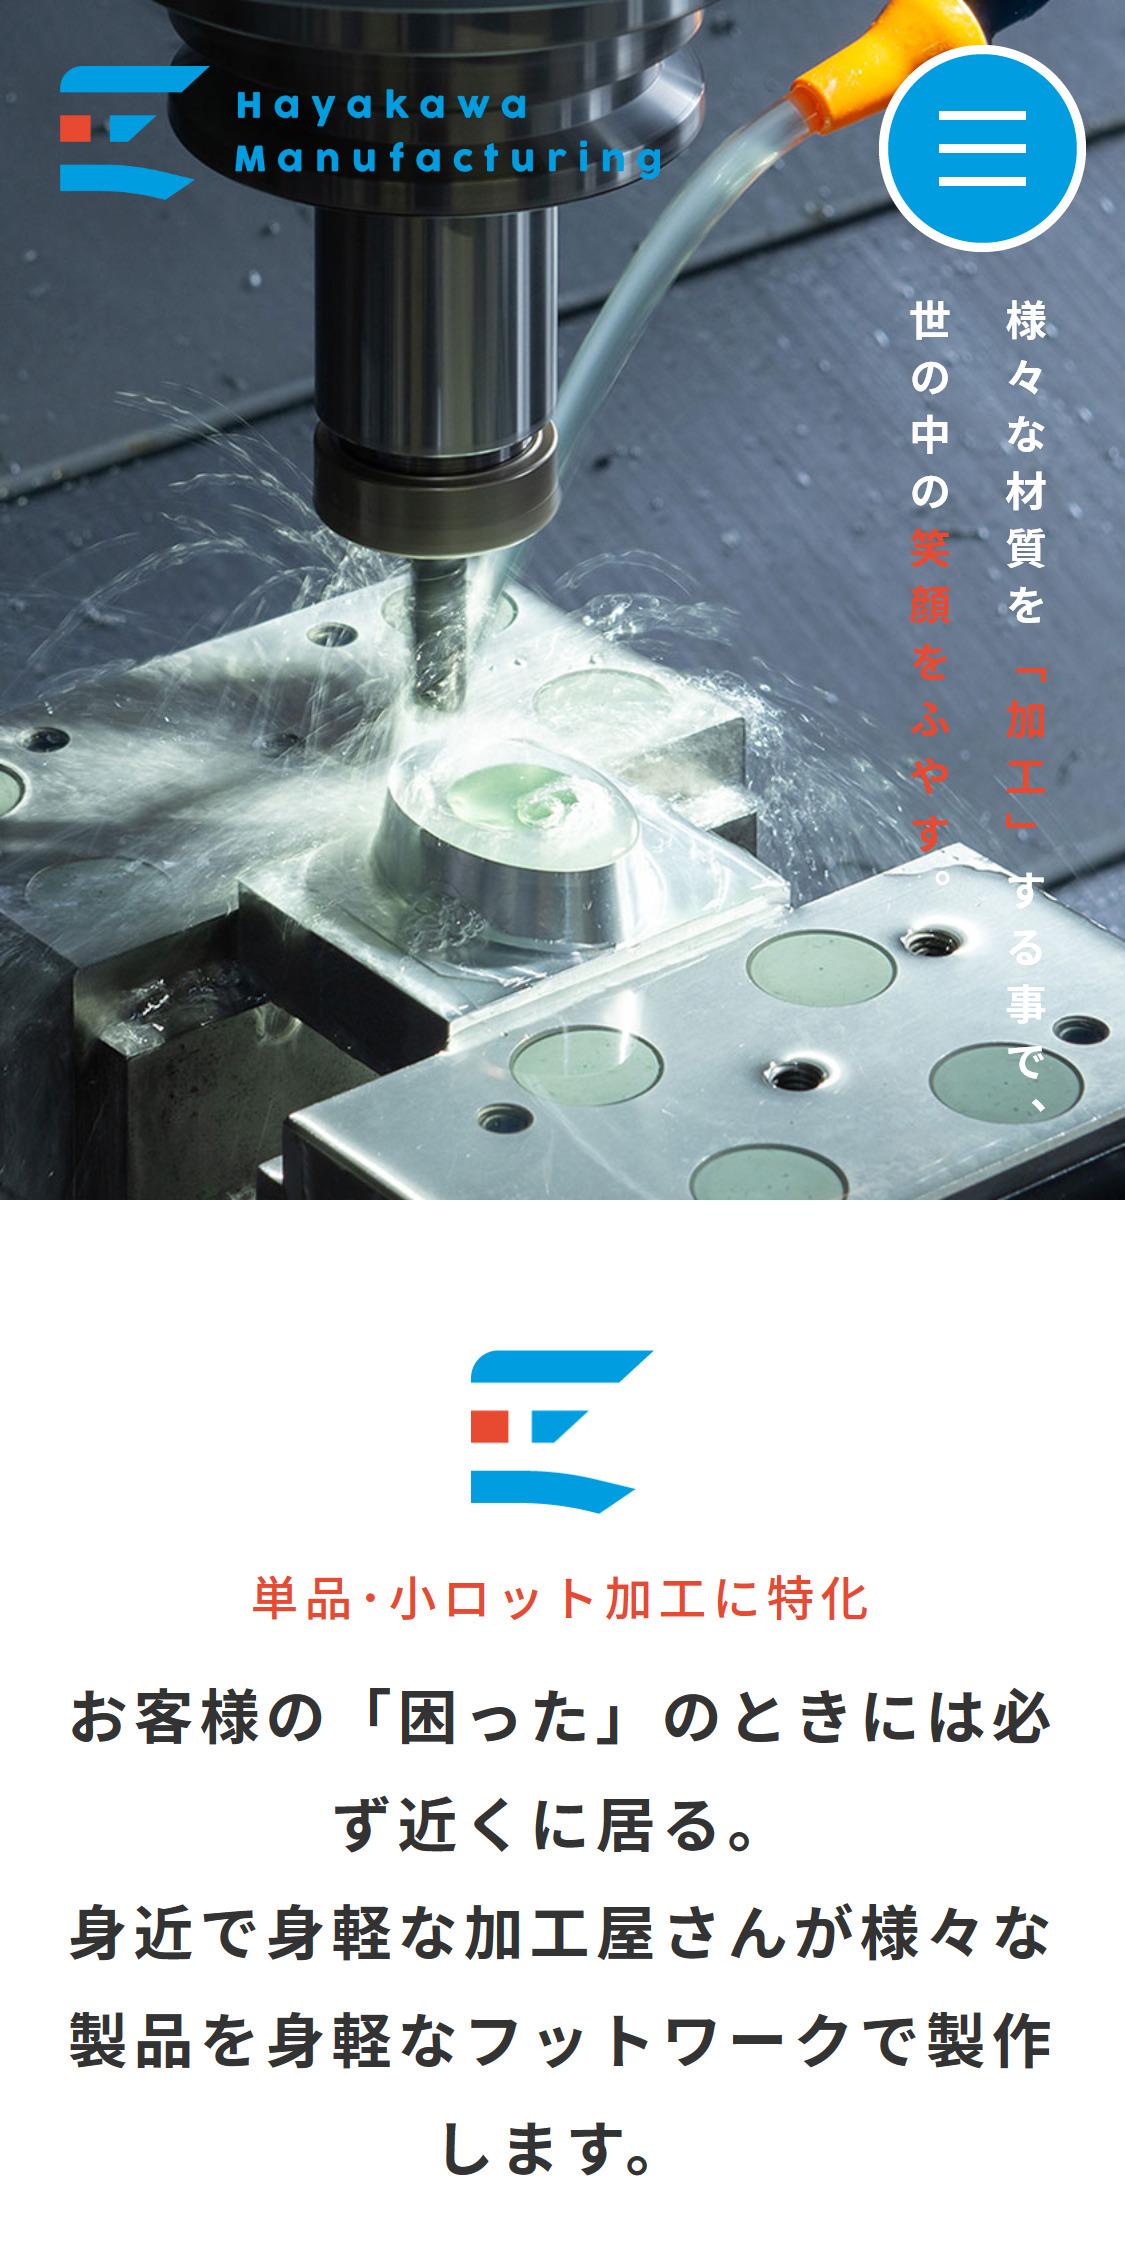 早川製作所-ホームページ(スマートフォン)